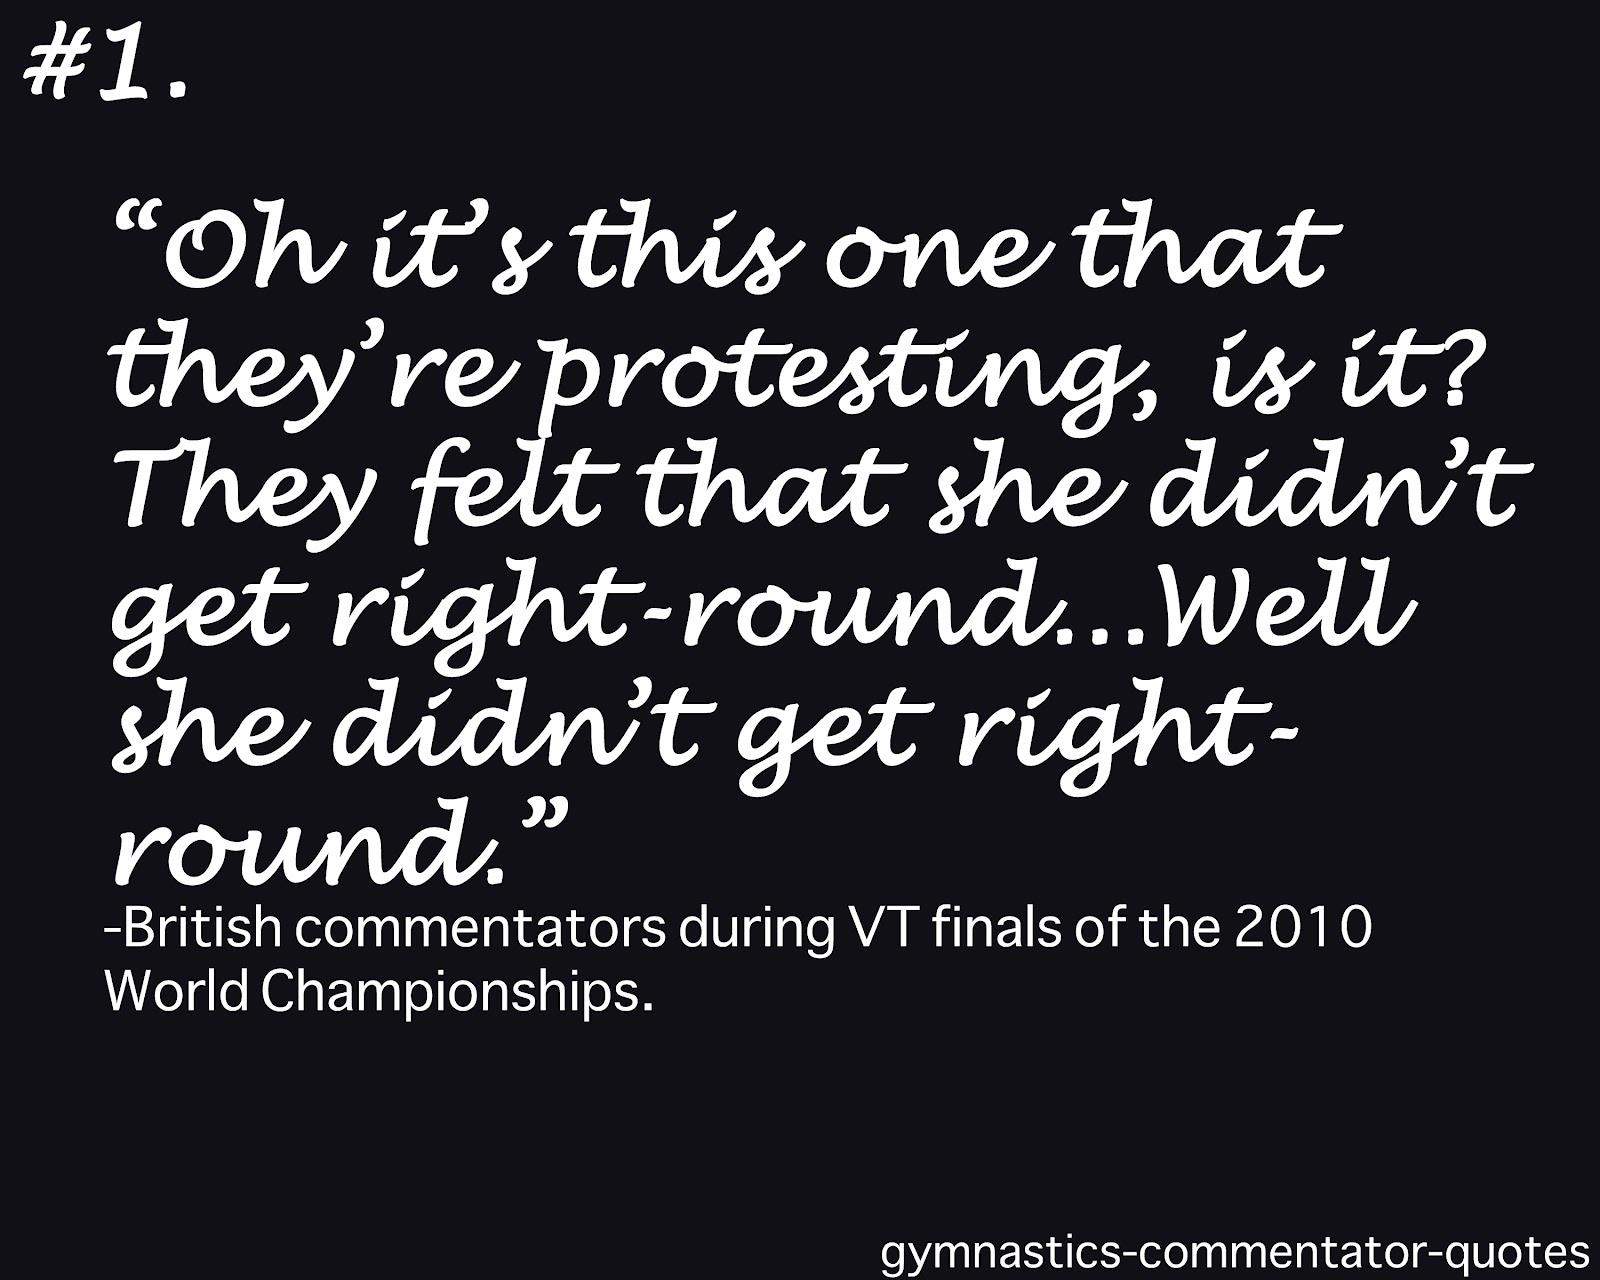 Commentator quote #2